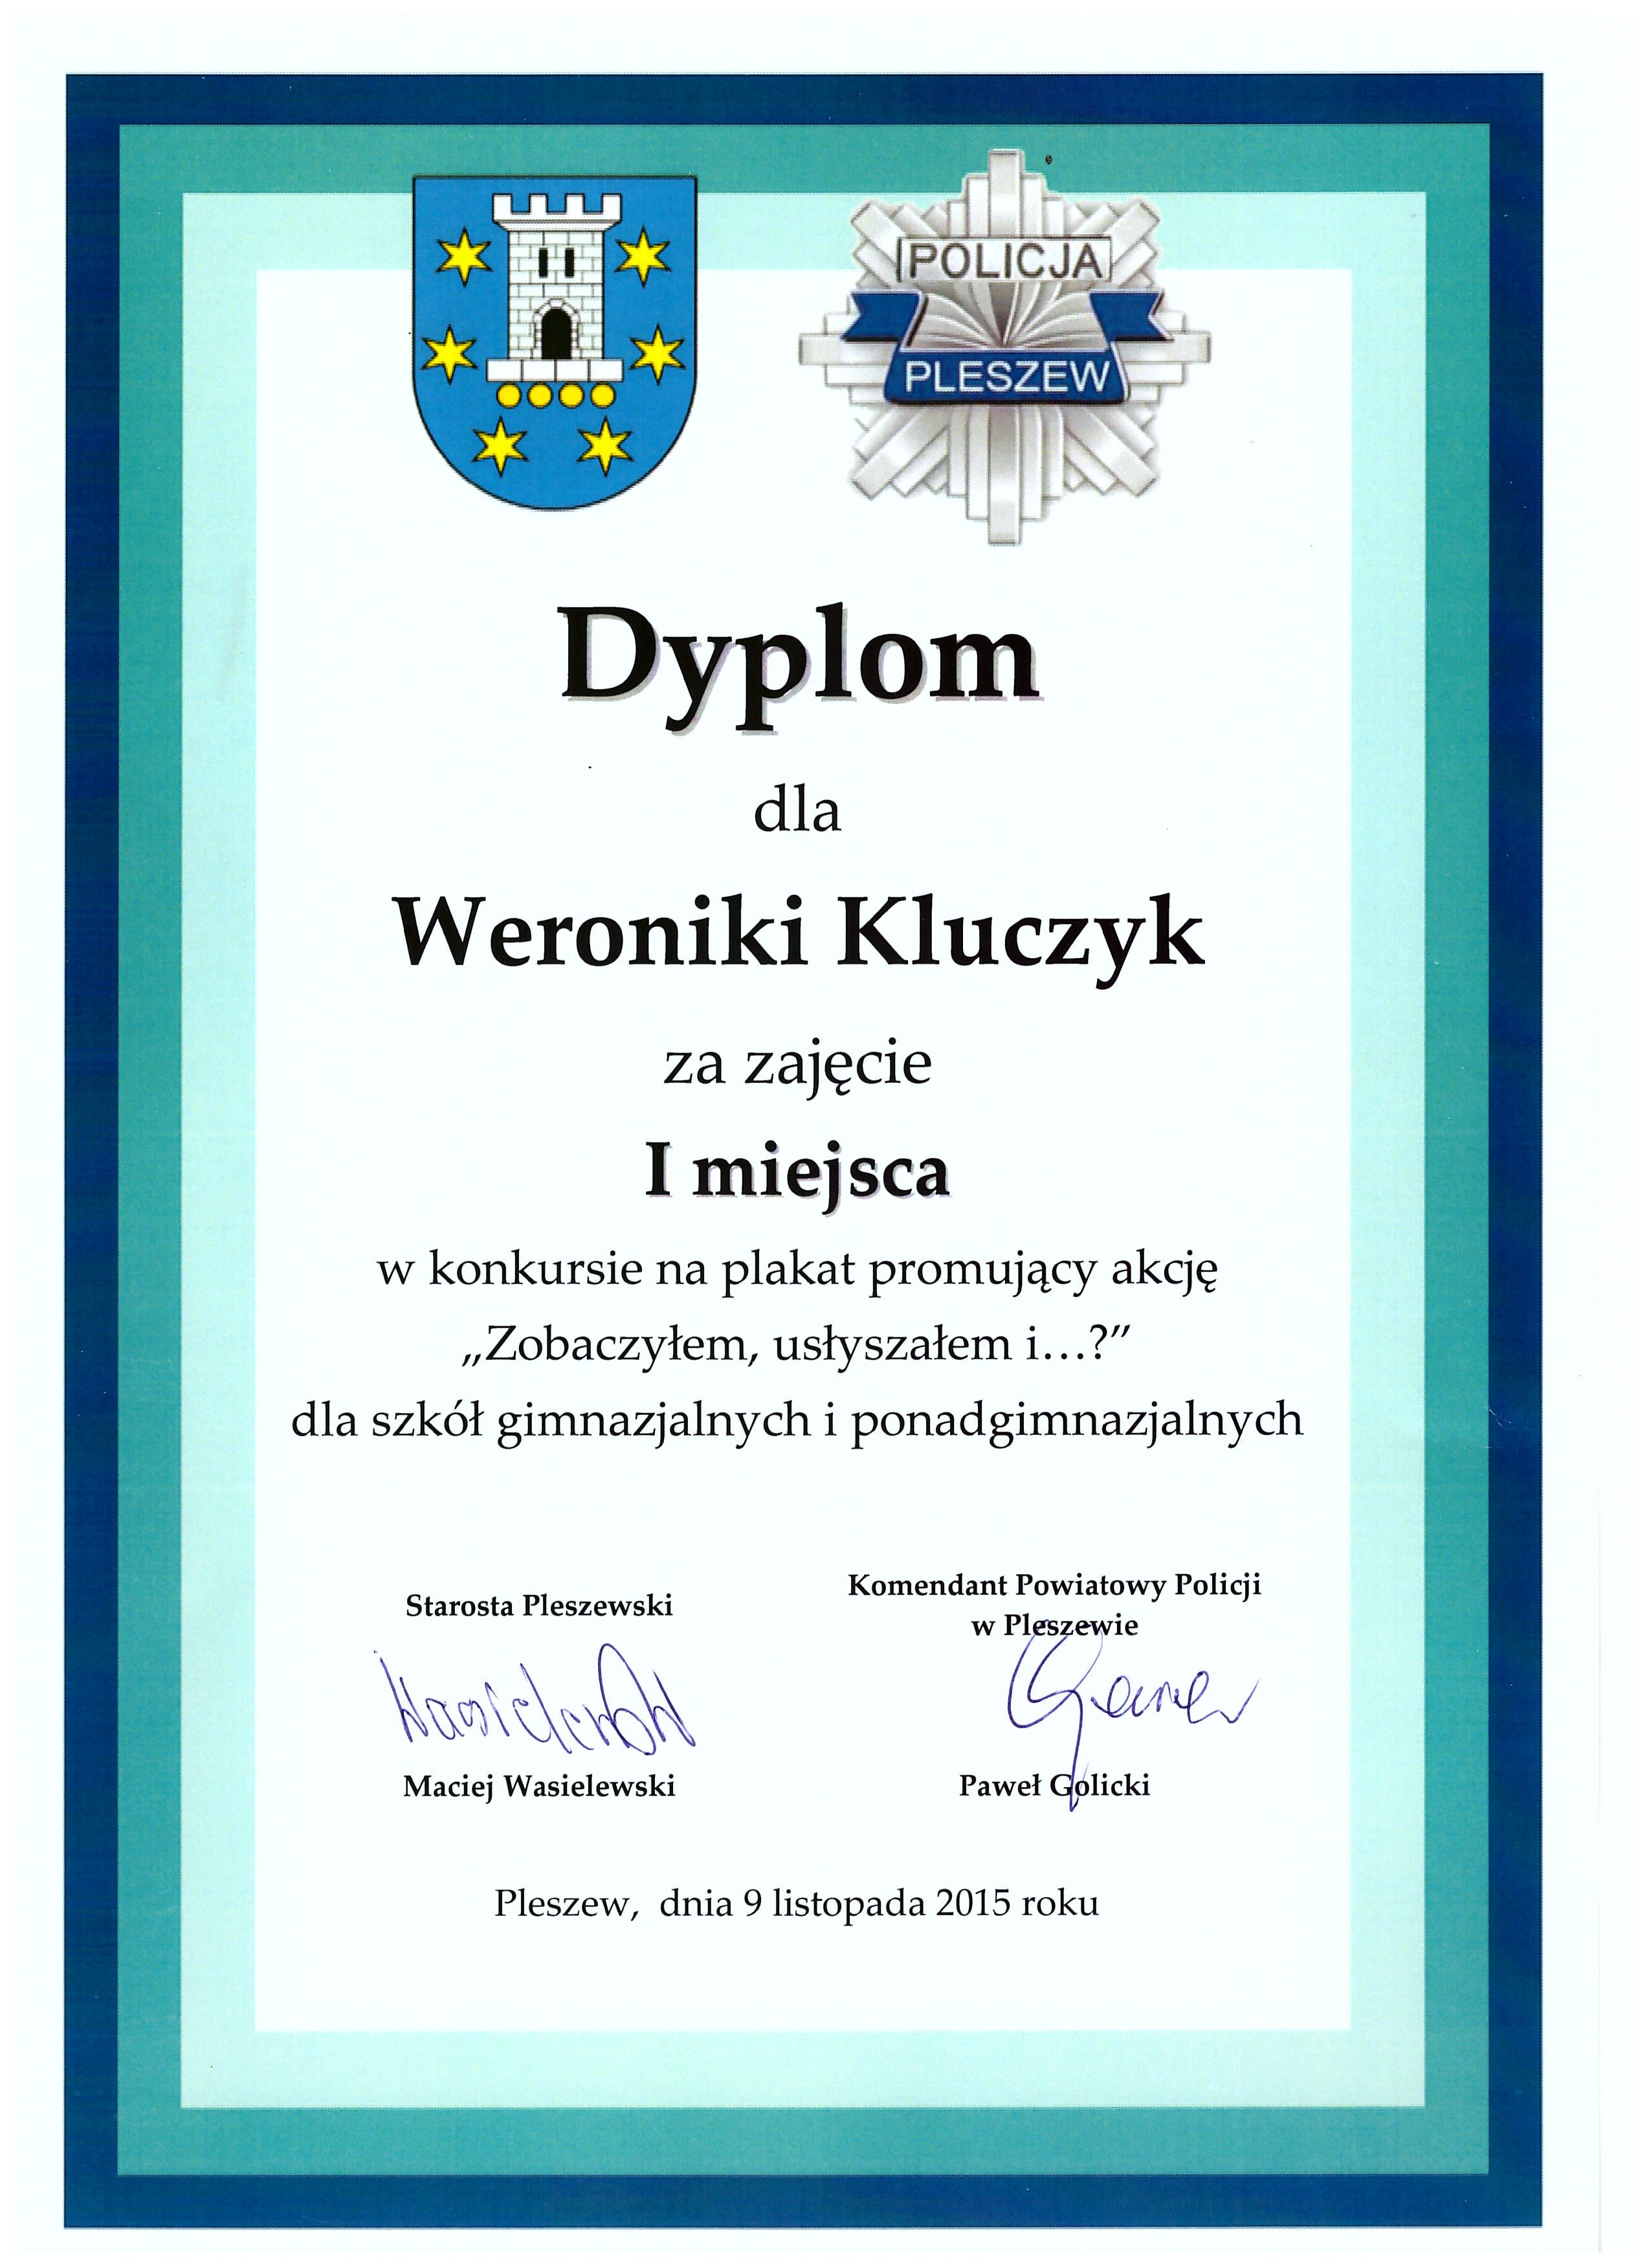 Dyplom dla Weroniki Kluczyk